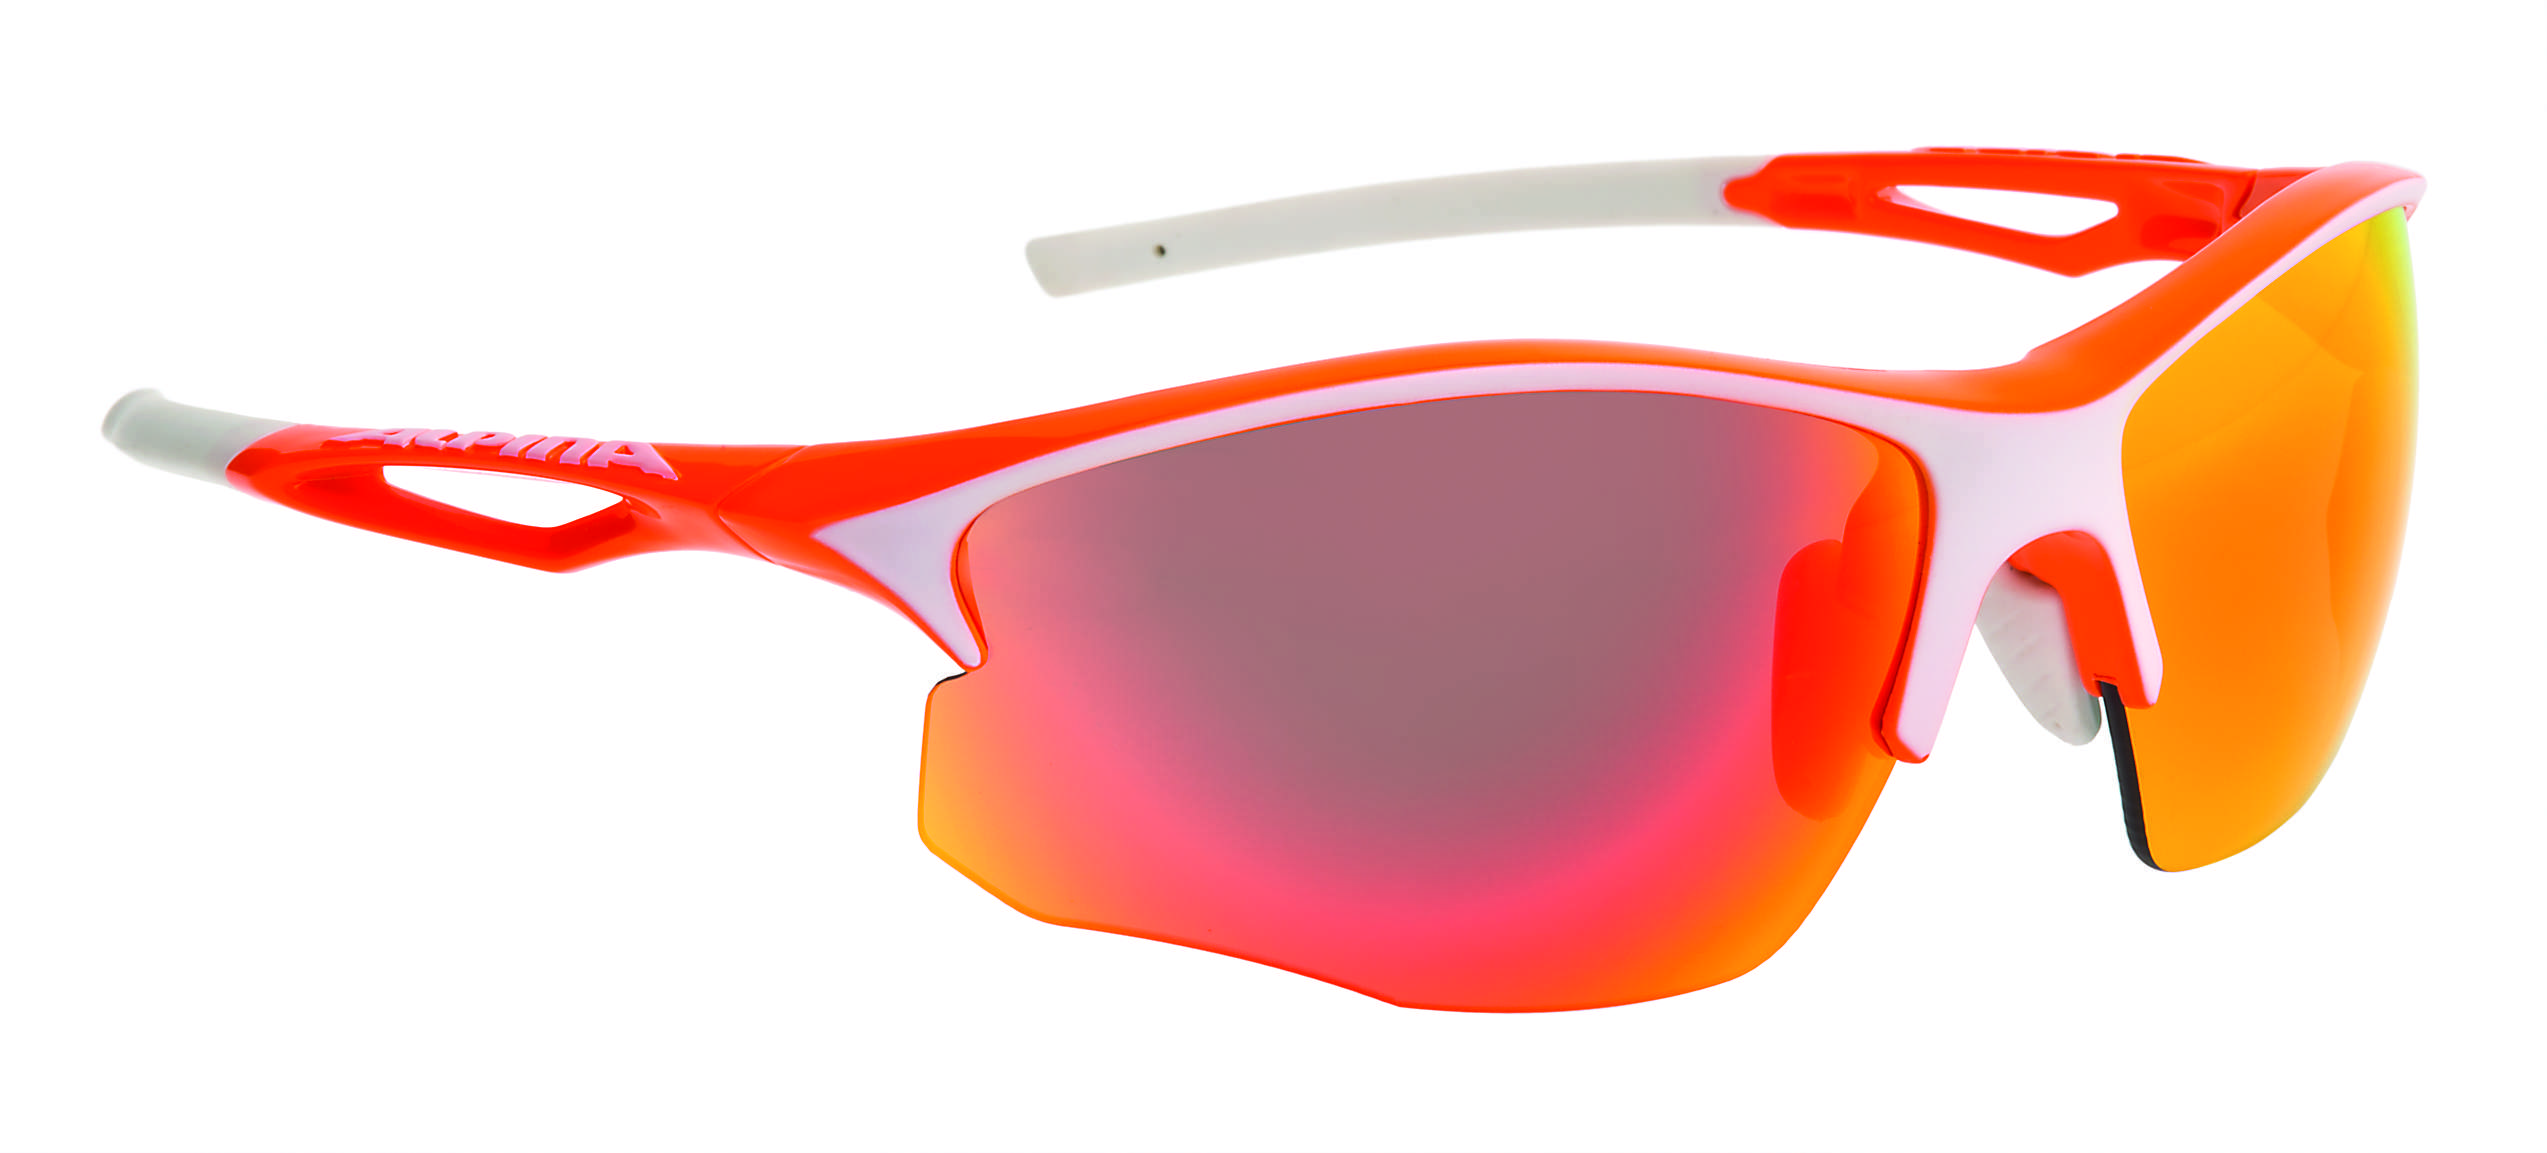 Купить Очки солнцезащитные Alpina PERFORMANCE SORCERY HR CM+ orange-white matt, солнцезащитные, 1180495